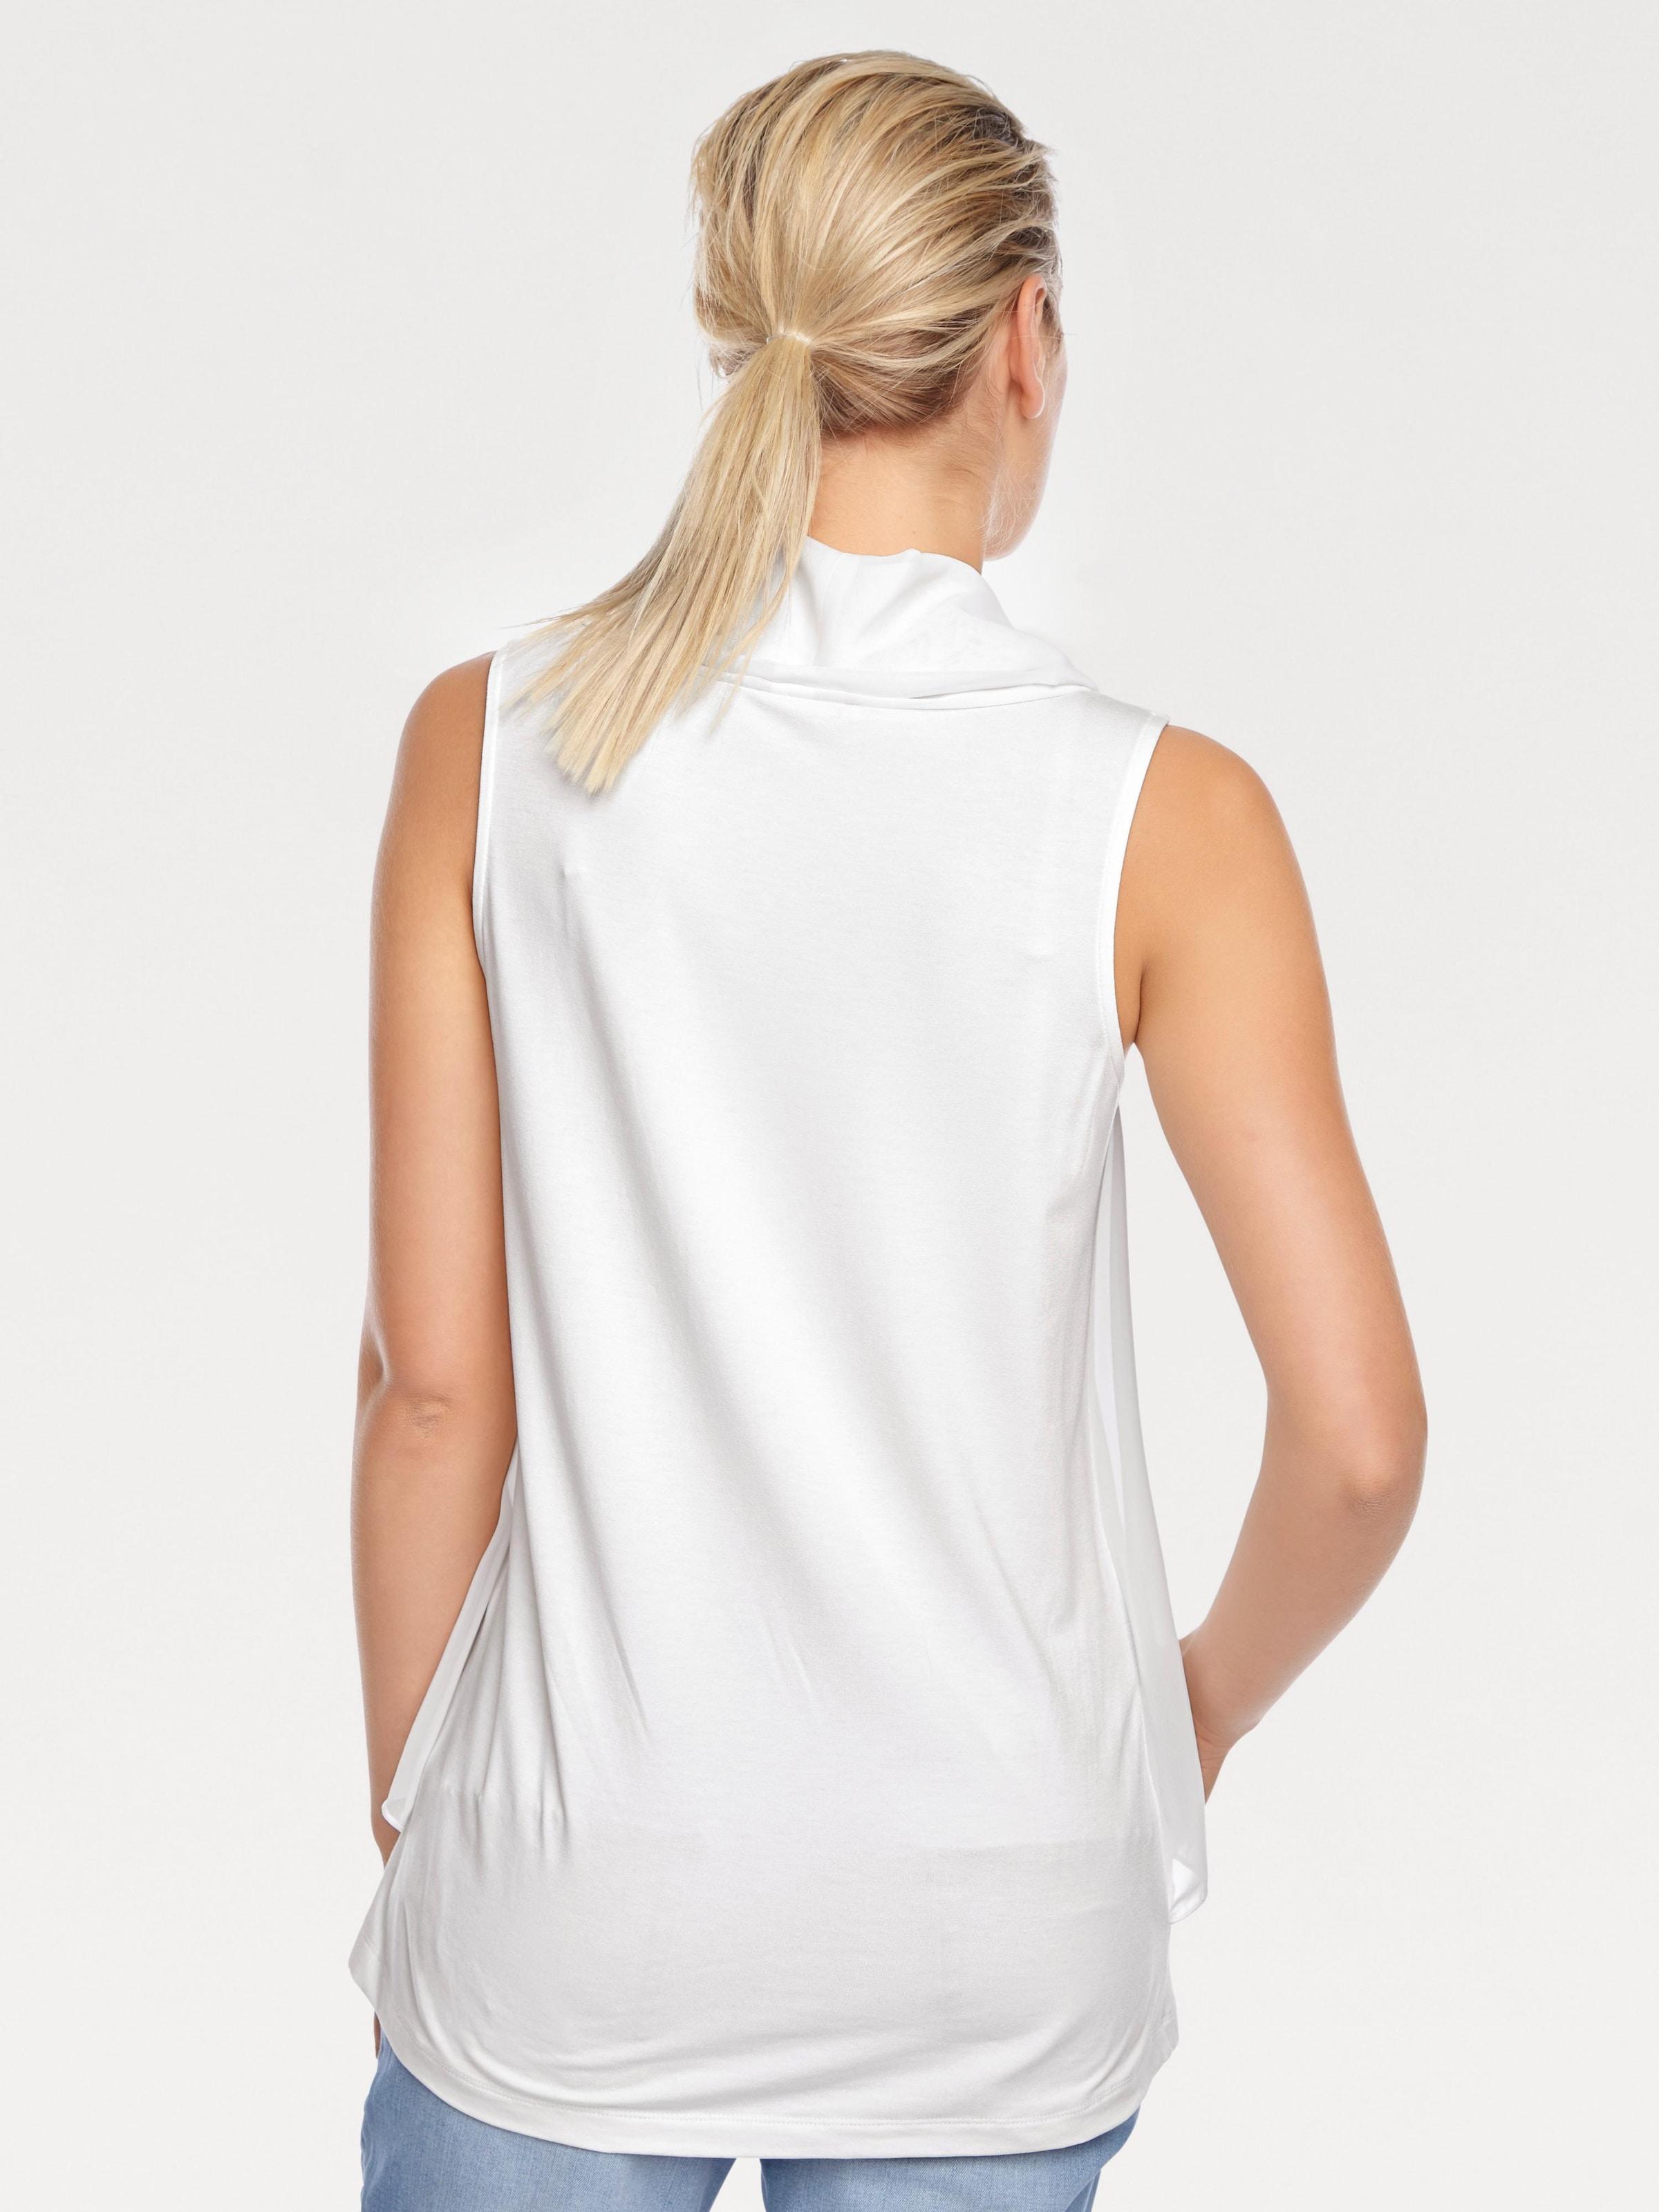 B.C. Best Connections by heine Shirttop mit Chiffon Günstig Kaufen Verkauf Günstig Kaufen Besten Verkauf Finish Günstig Online 9OqTy